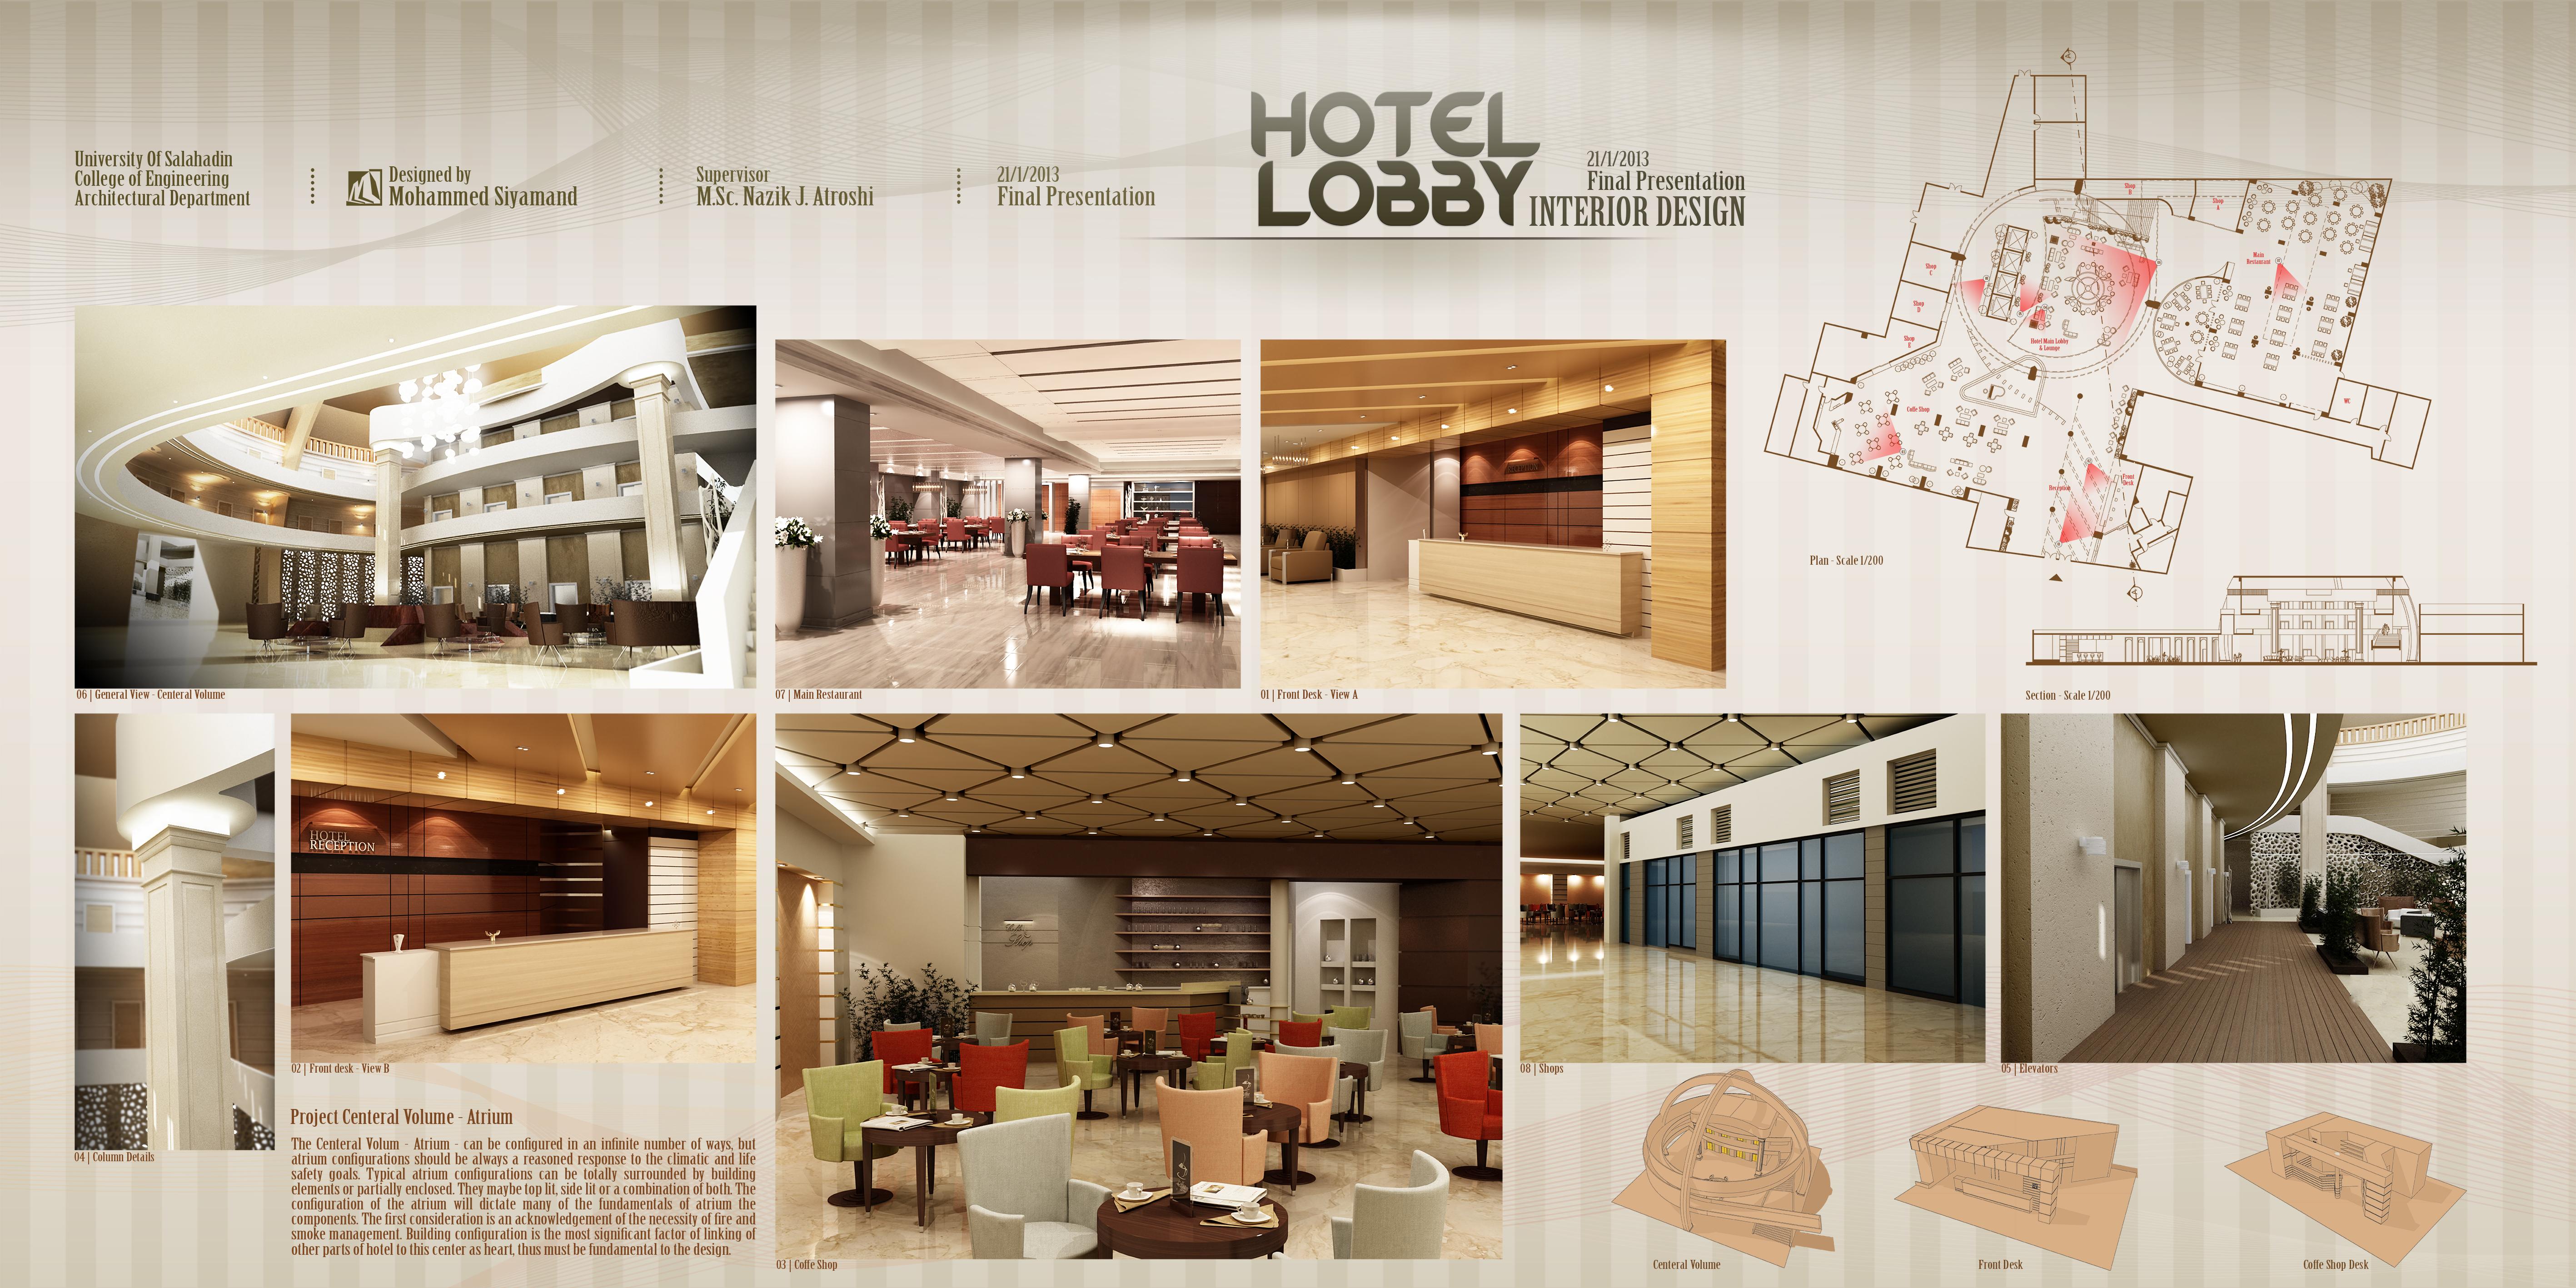 Hotel lobby furniture plan - H Favorite